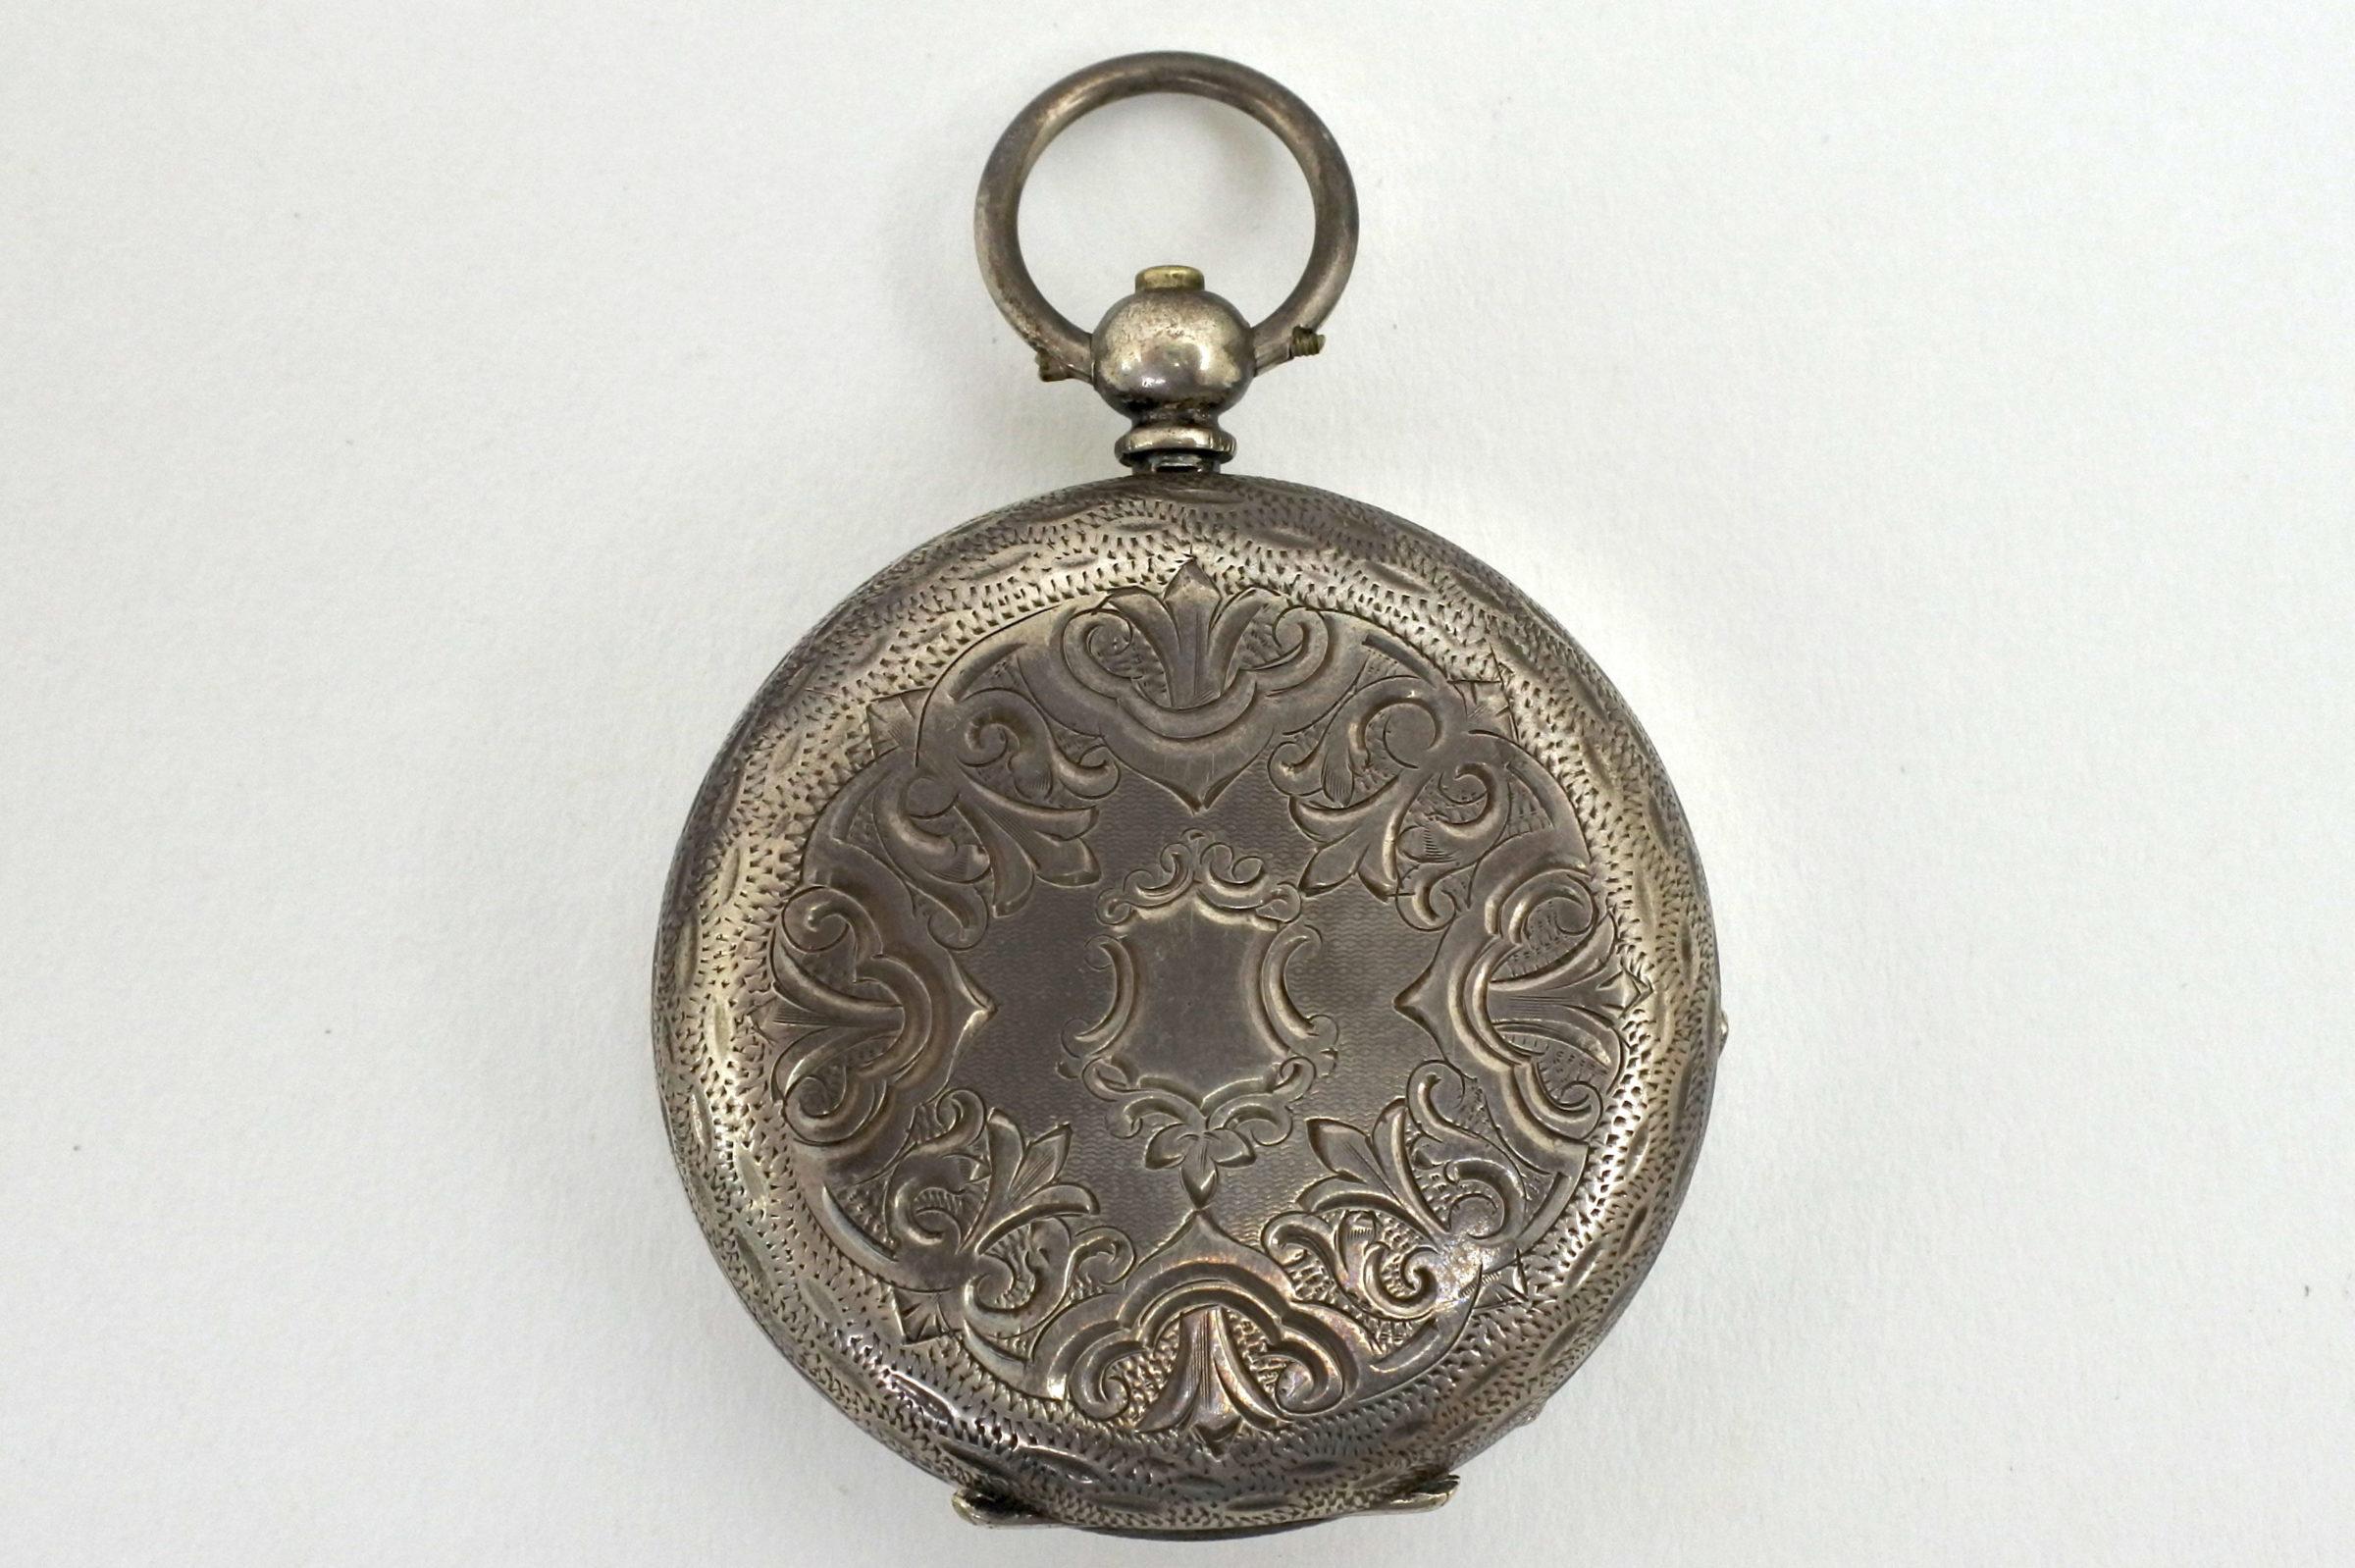 Orologio da tasca in argento con carica a chiavetta. Diametro cassa 40 mm - 5